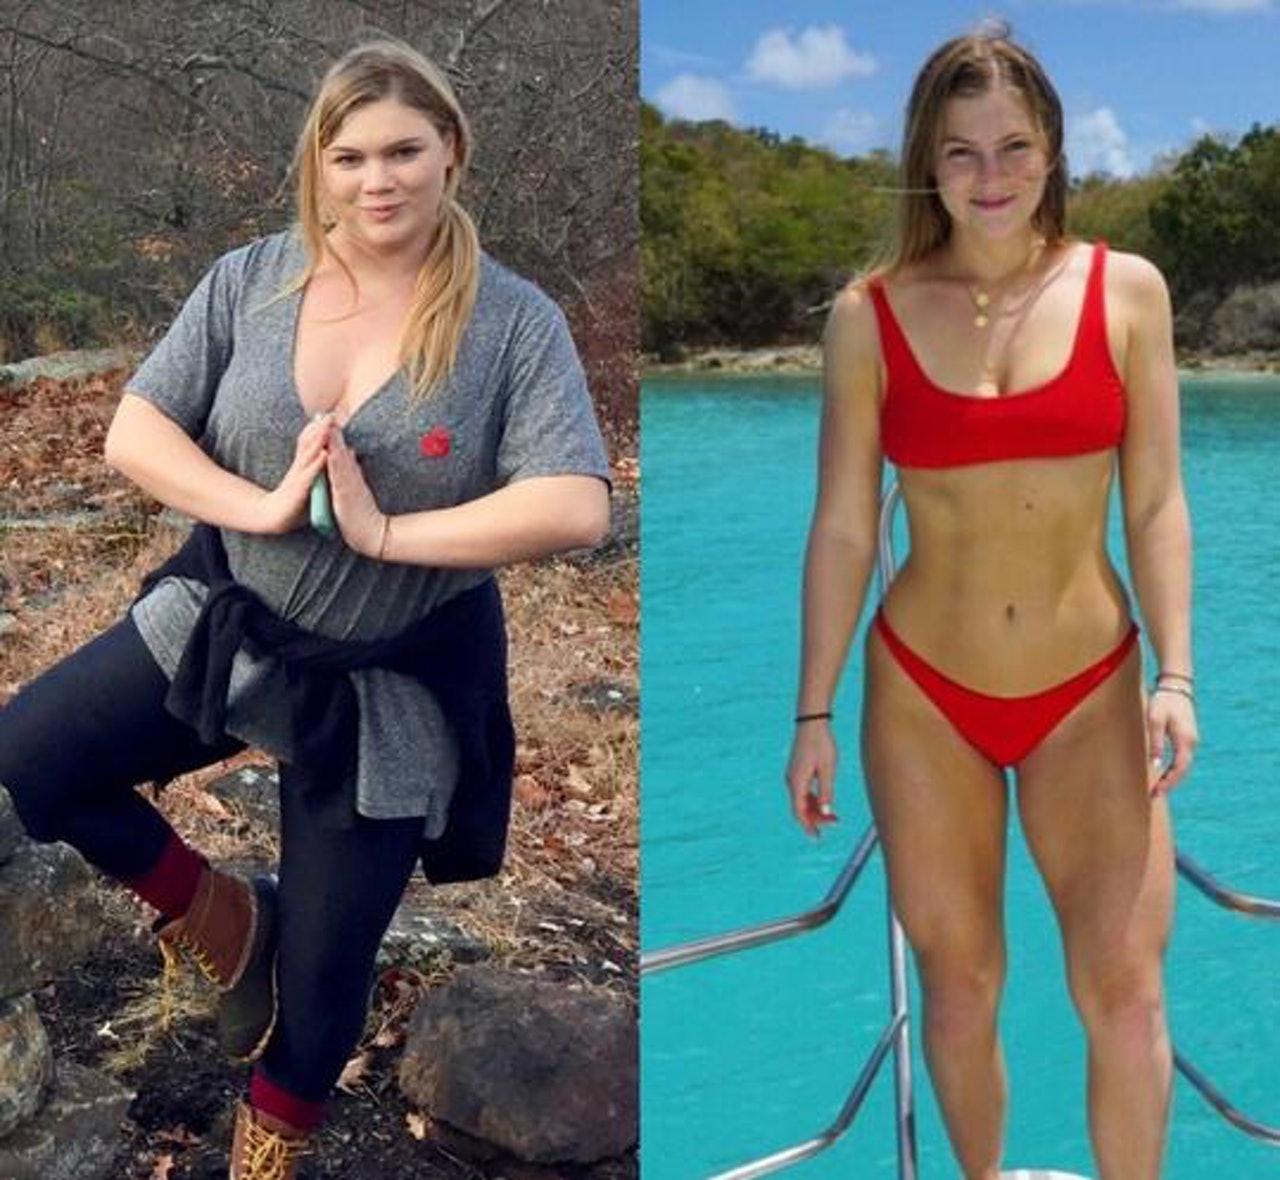 不應被體重定義快樂,美國肥妹靠健身變陽光美女